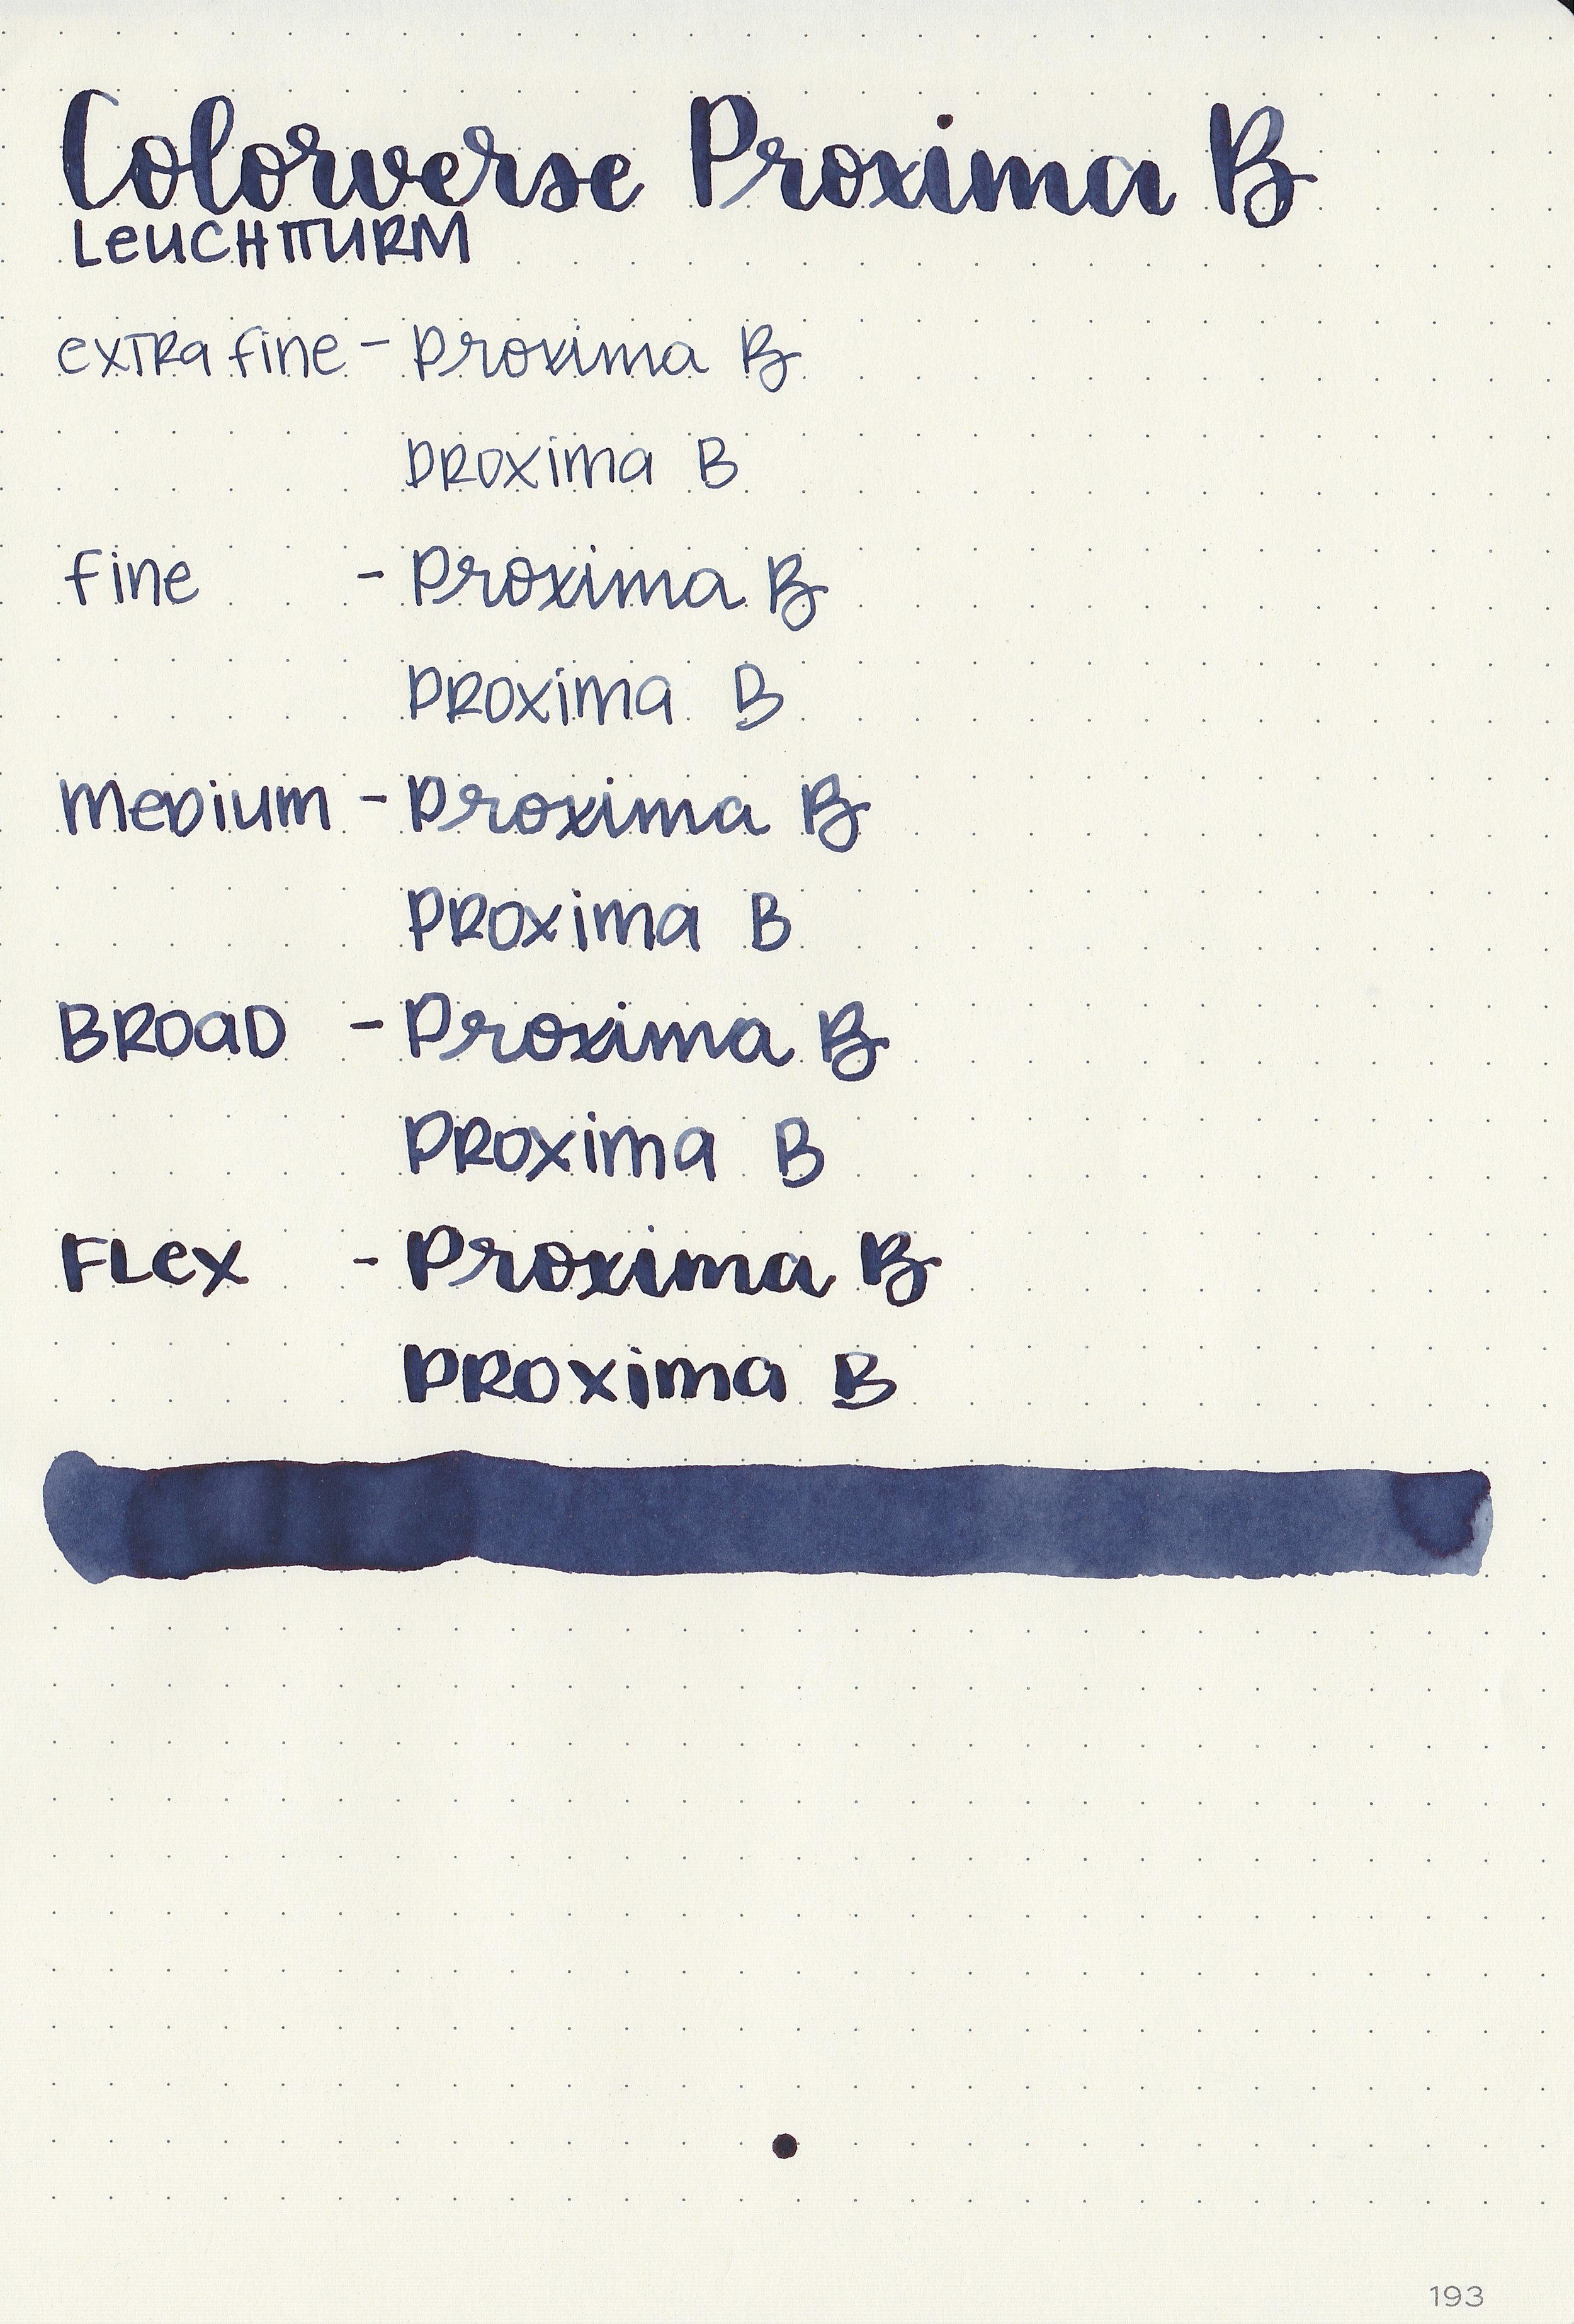 cv-proxima-b-13.jpg